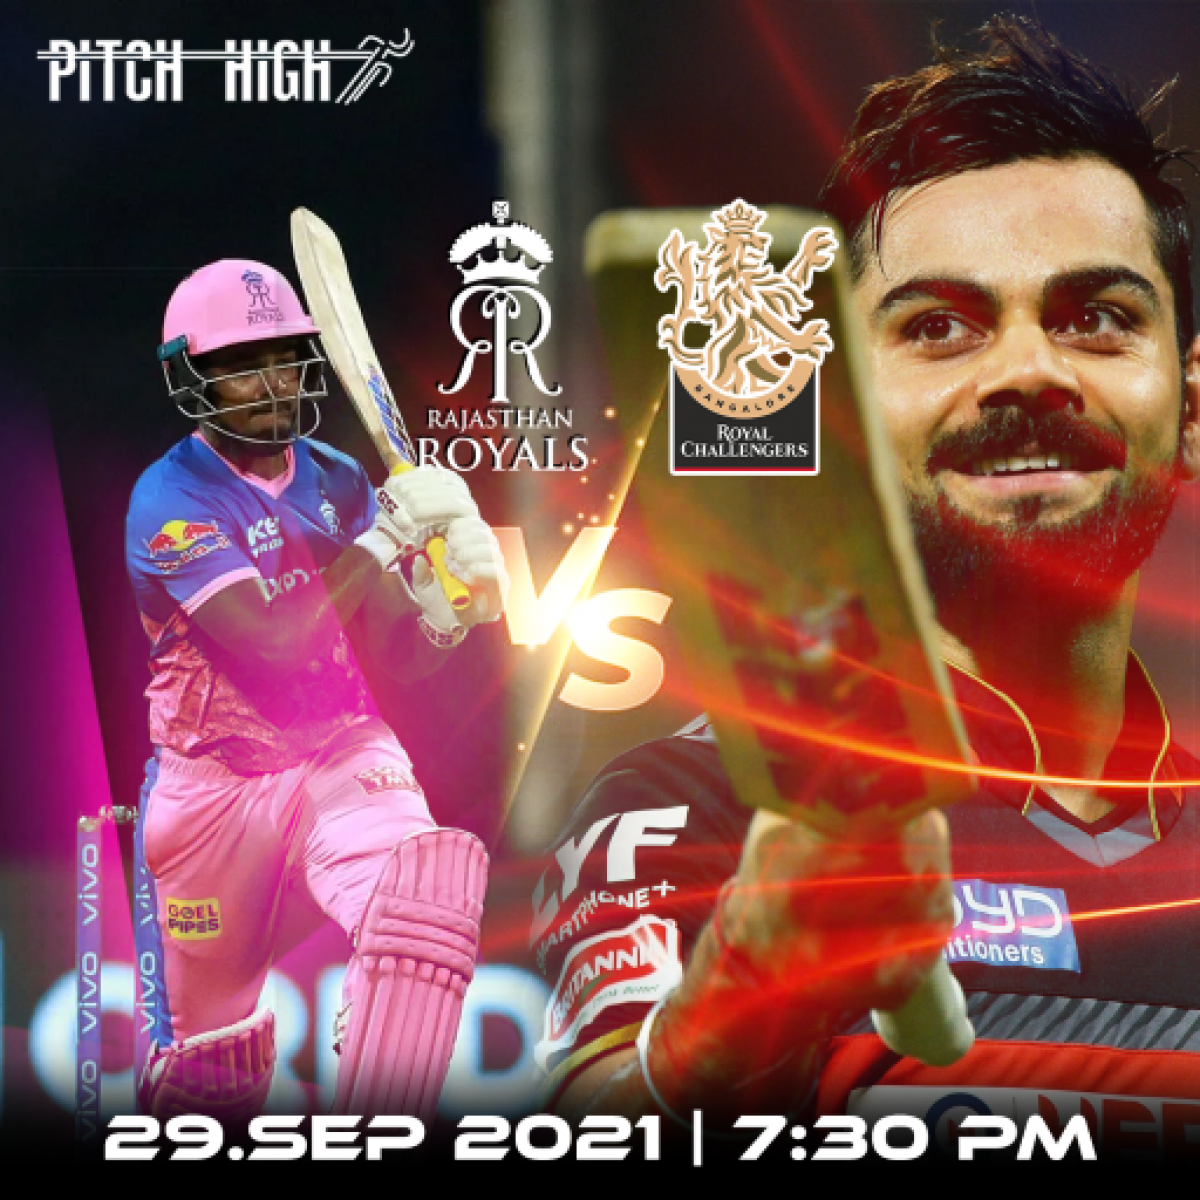 RR vs RCB,RR vs RCB 2021,IPL,IPL 2021,IPL 2021 score,IPL Live Score,IPL Match Today